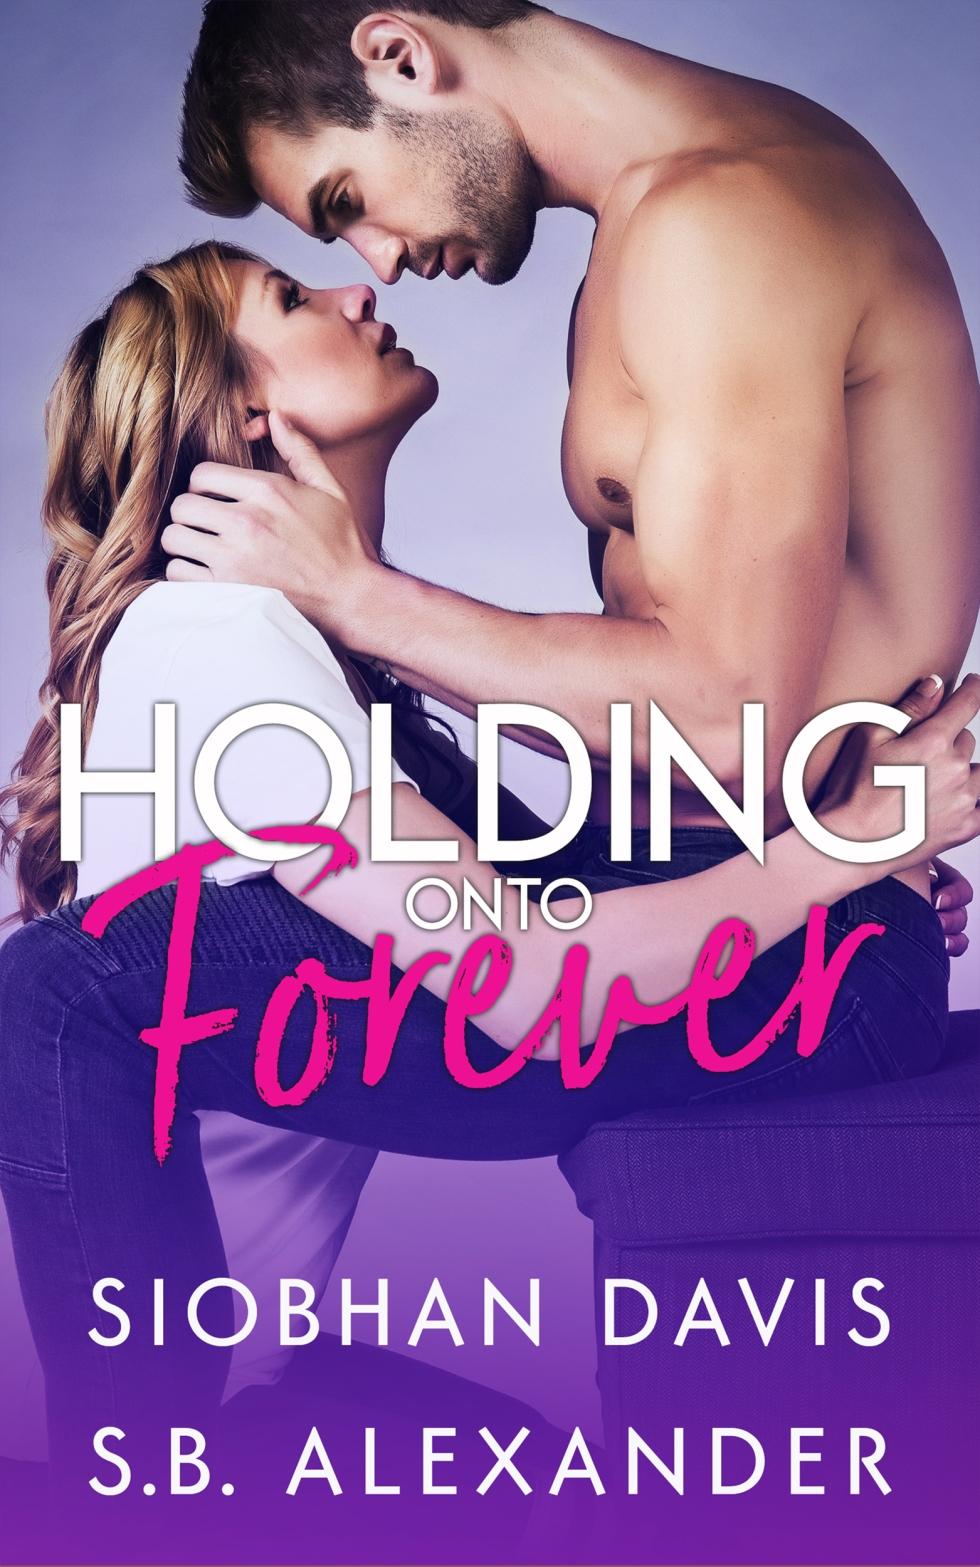 HoldingontoForever_ecover.jpg